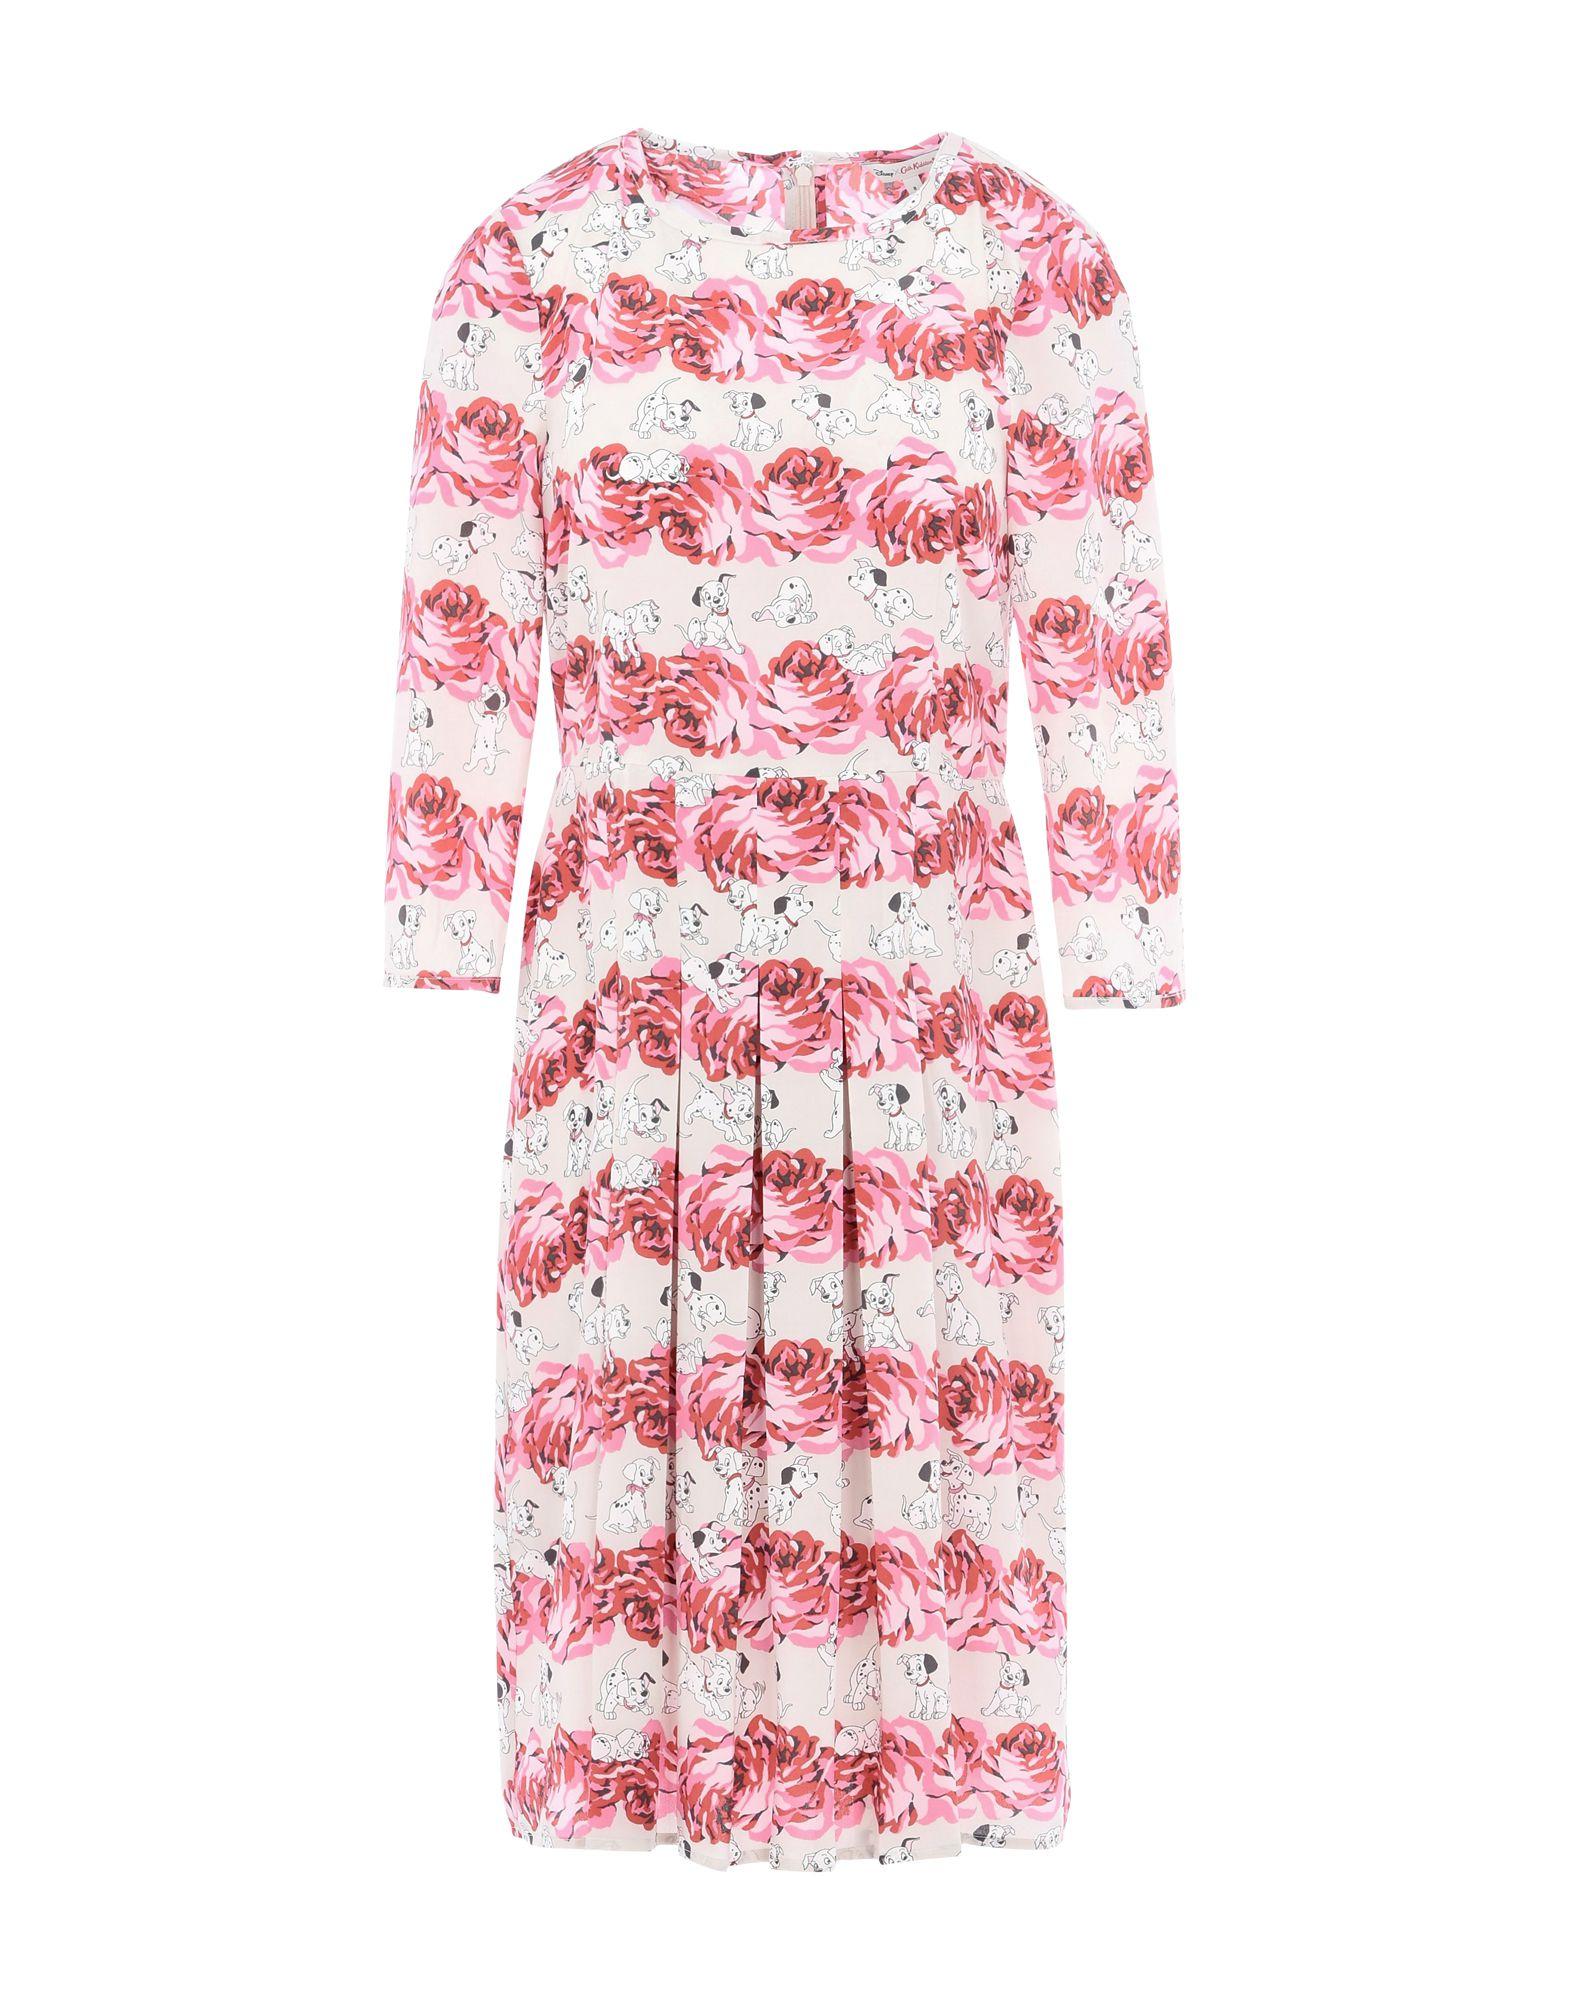 CATH KIDSTON x DISNEY Платье до колена аксессуар чехол накладка cath kidston вид 11 для iphone 6 6s